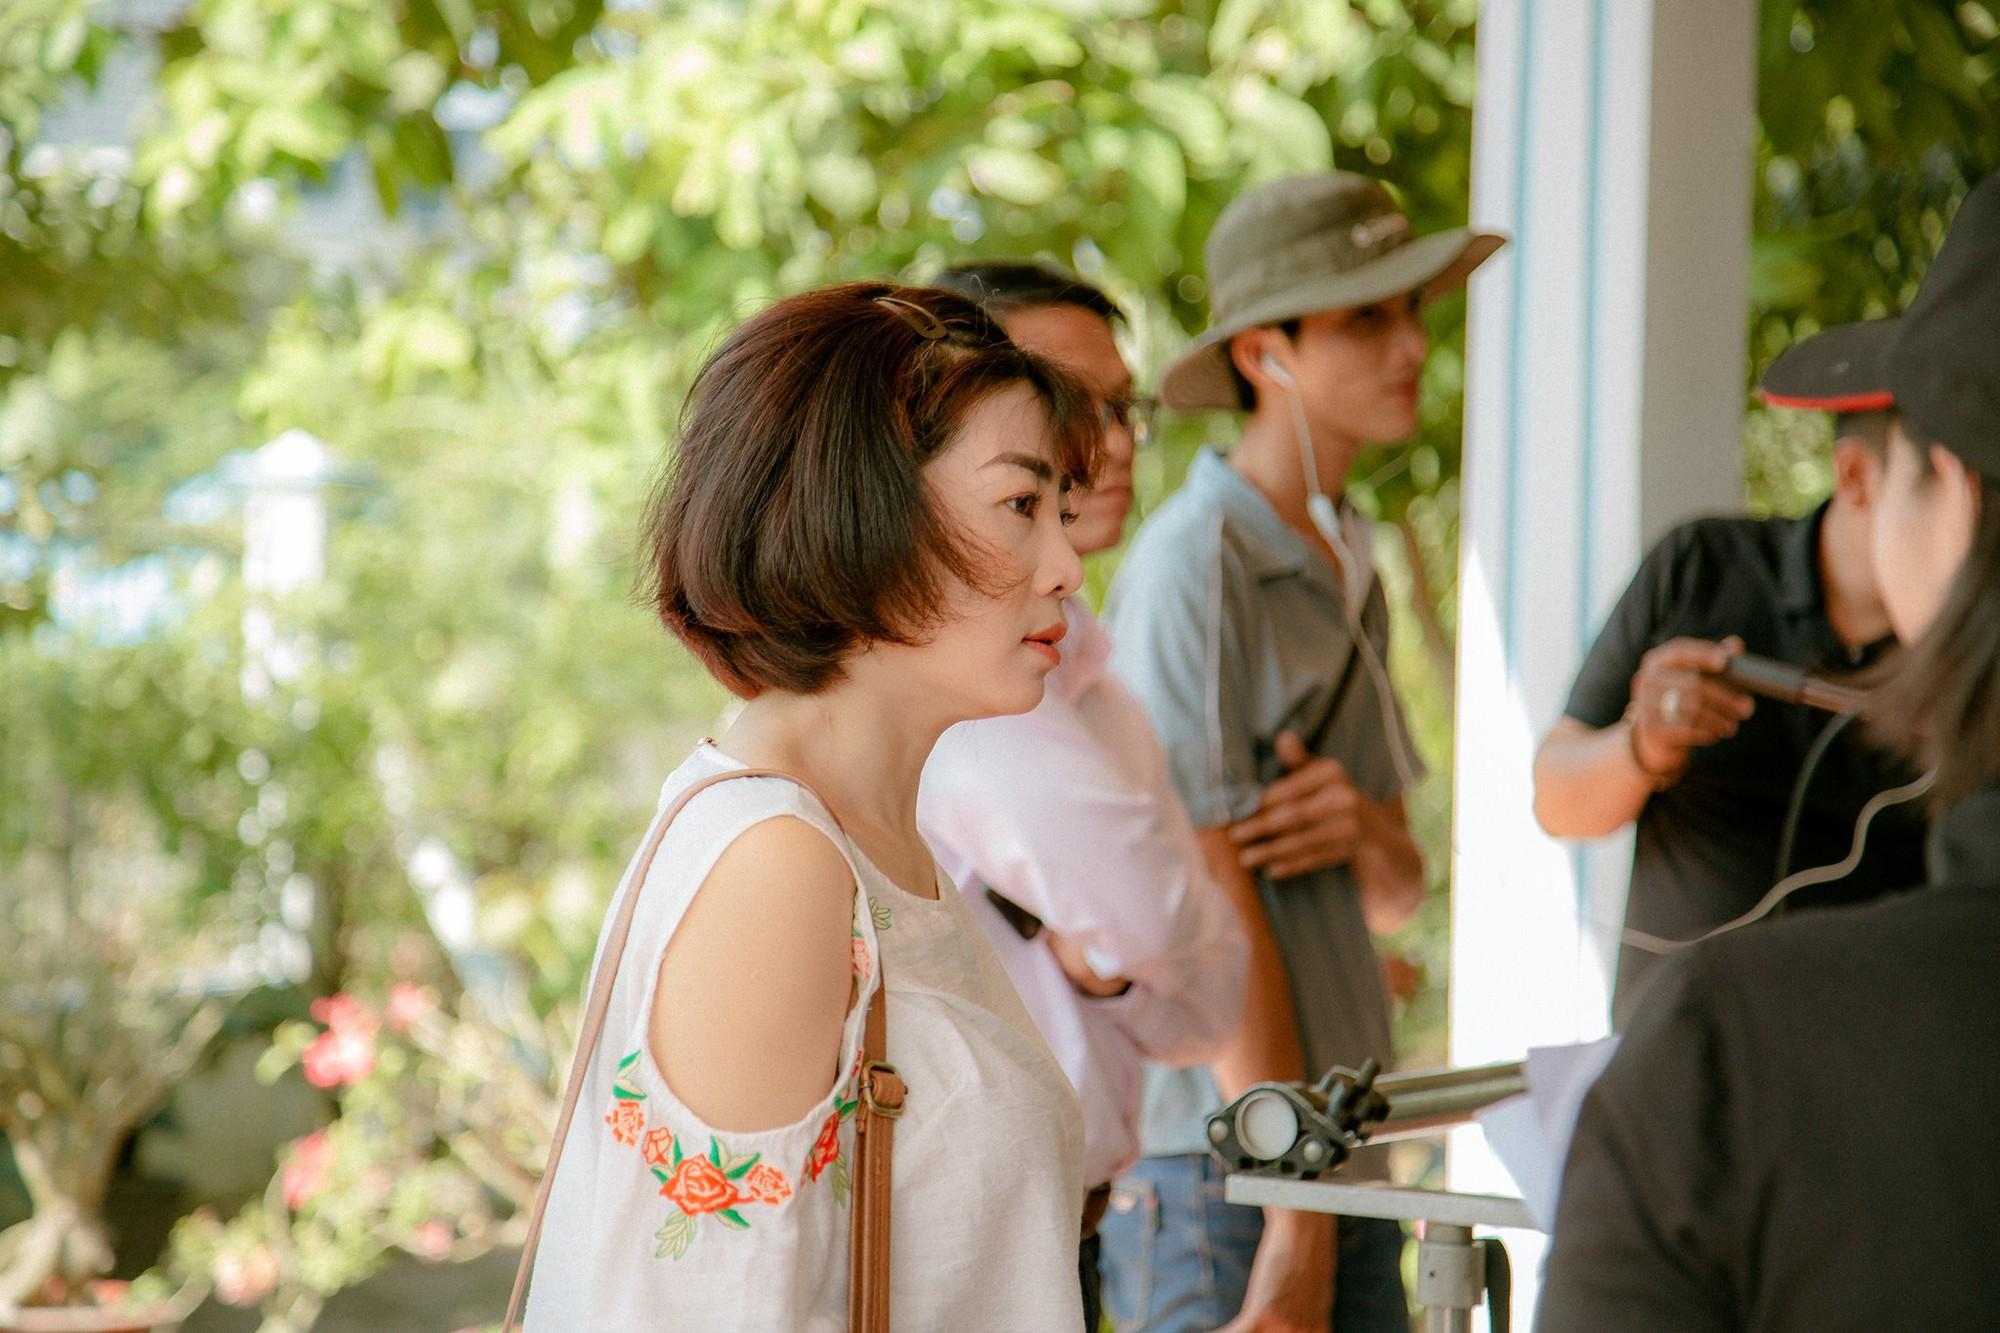 """Cuộc sống sao Việt khi chống chọi với bạo bệnh: Người """"lột xác"""" hình ảnh để lấy lại tinh thần, người vẫn miệt mài hoạt động nghệ thuật mỗi ngày - Ảnh 5."""